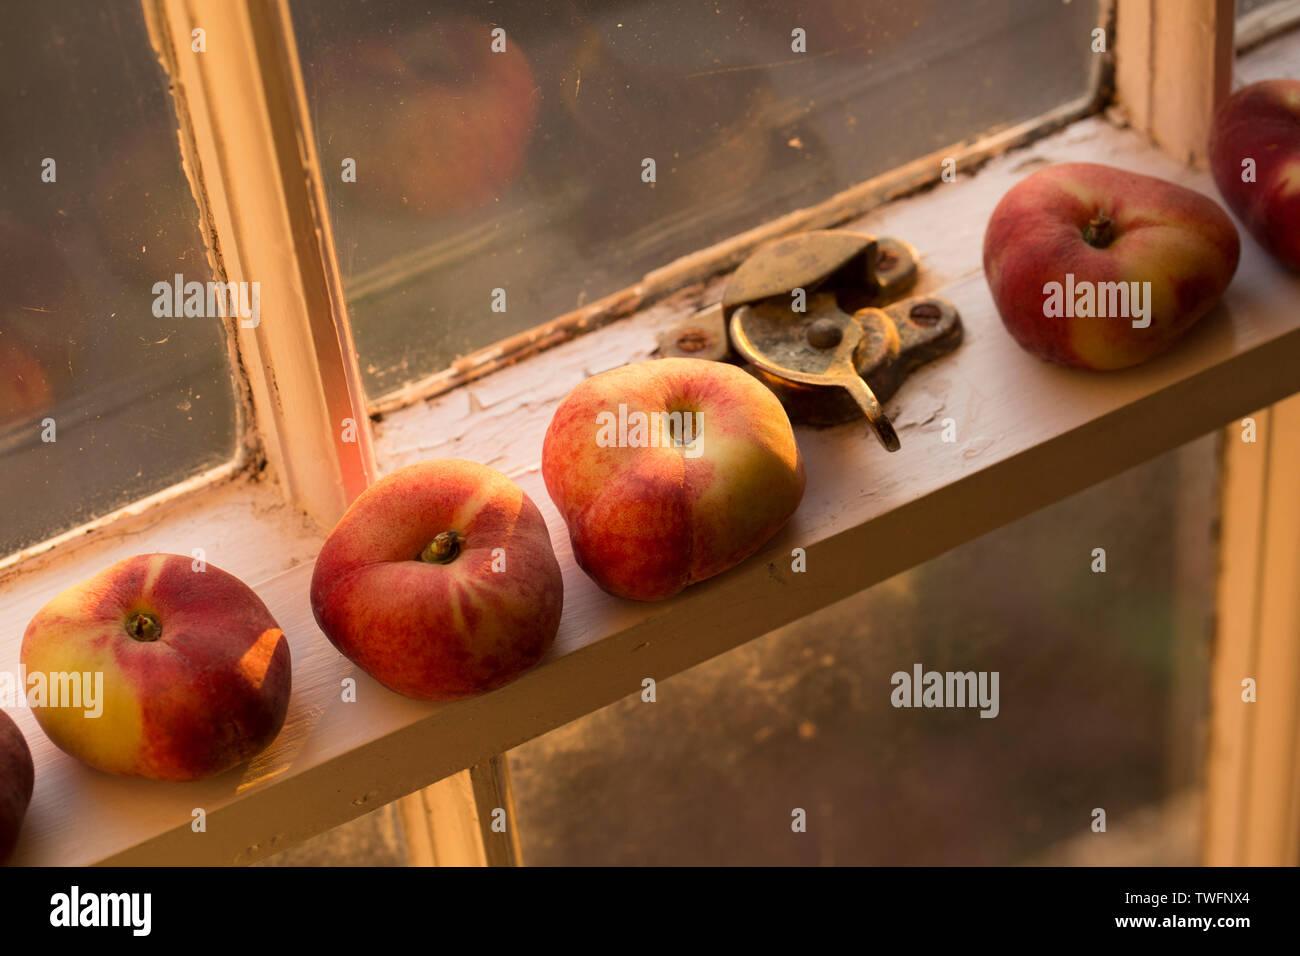 Supermarket Fruit England Photos & Supermarket Fruit England